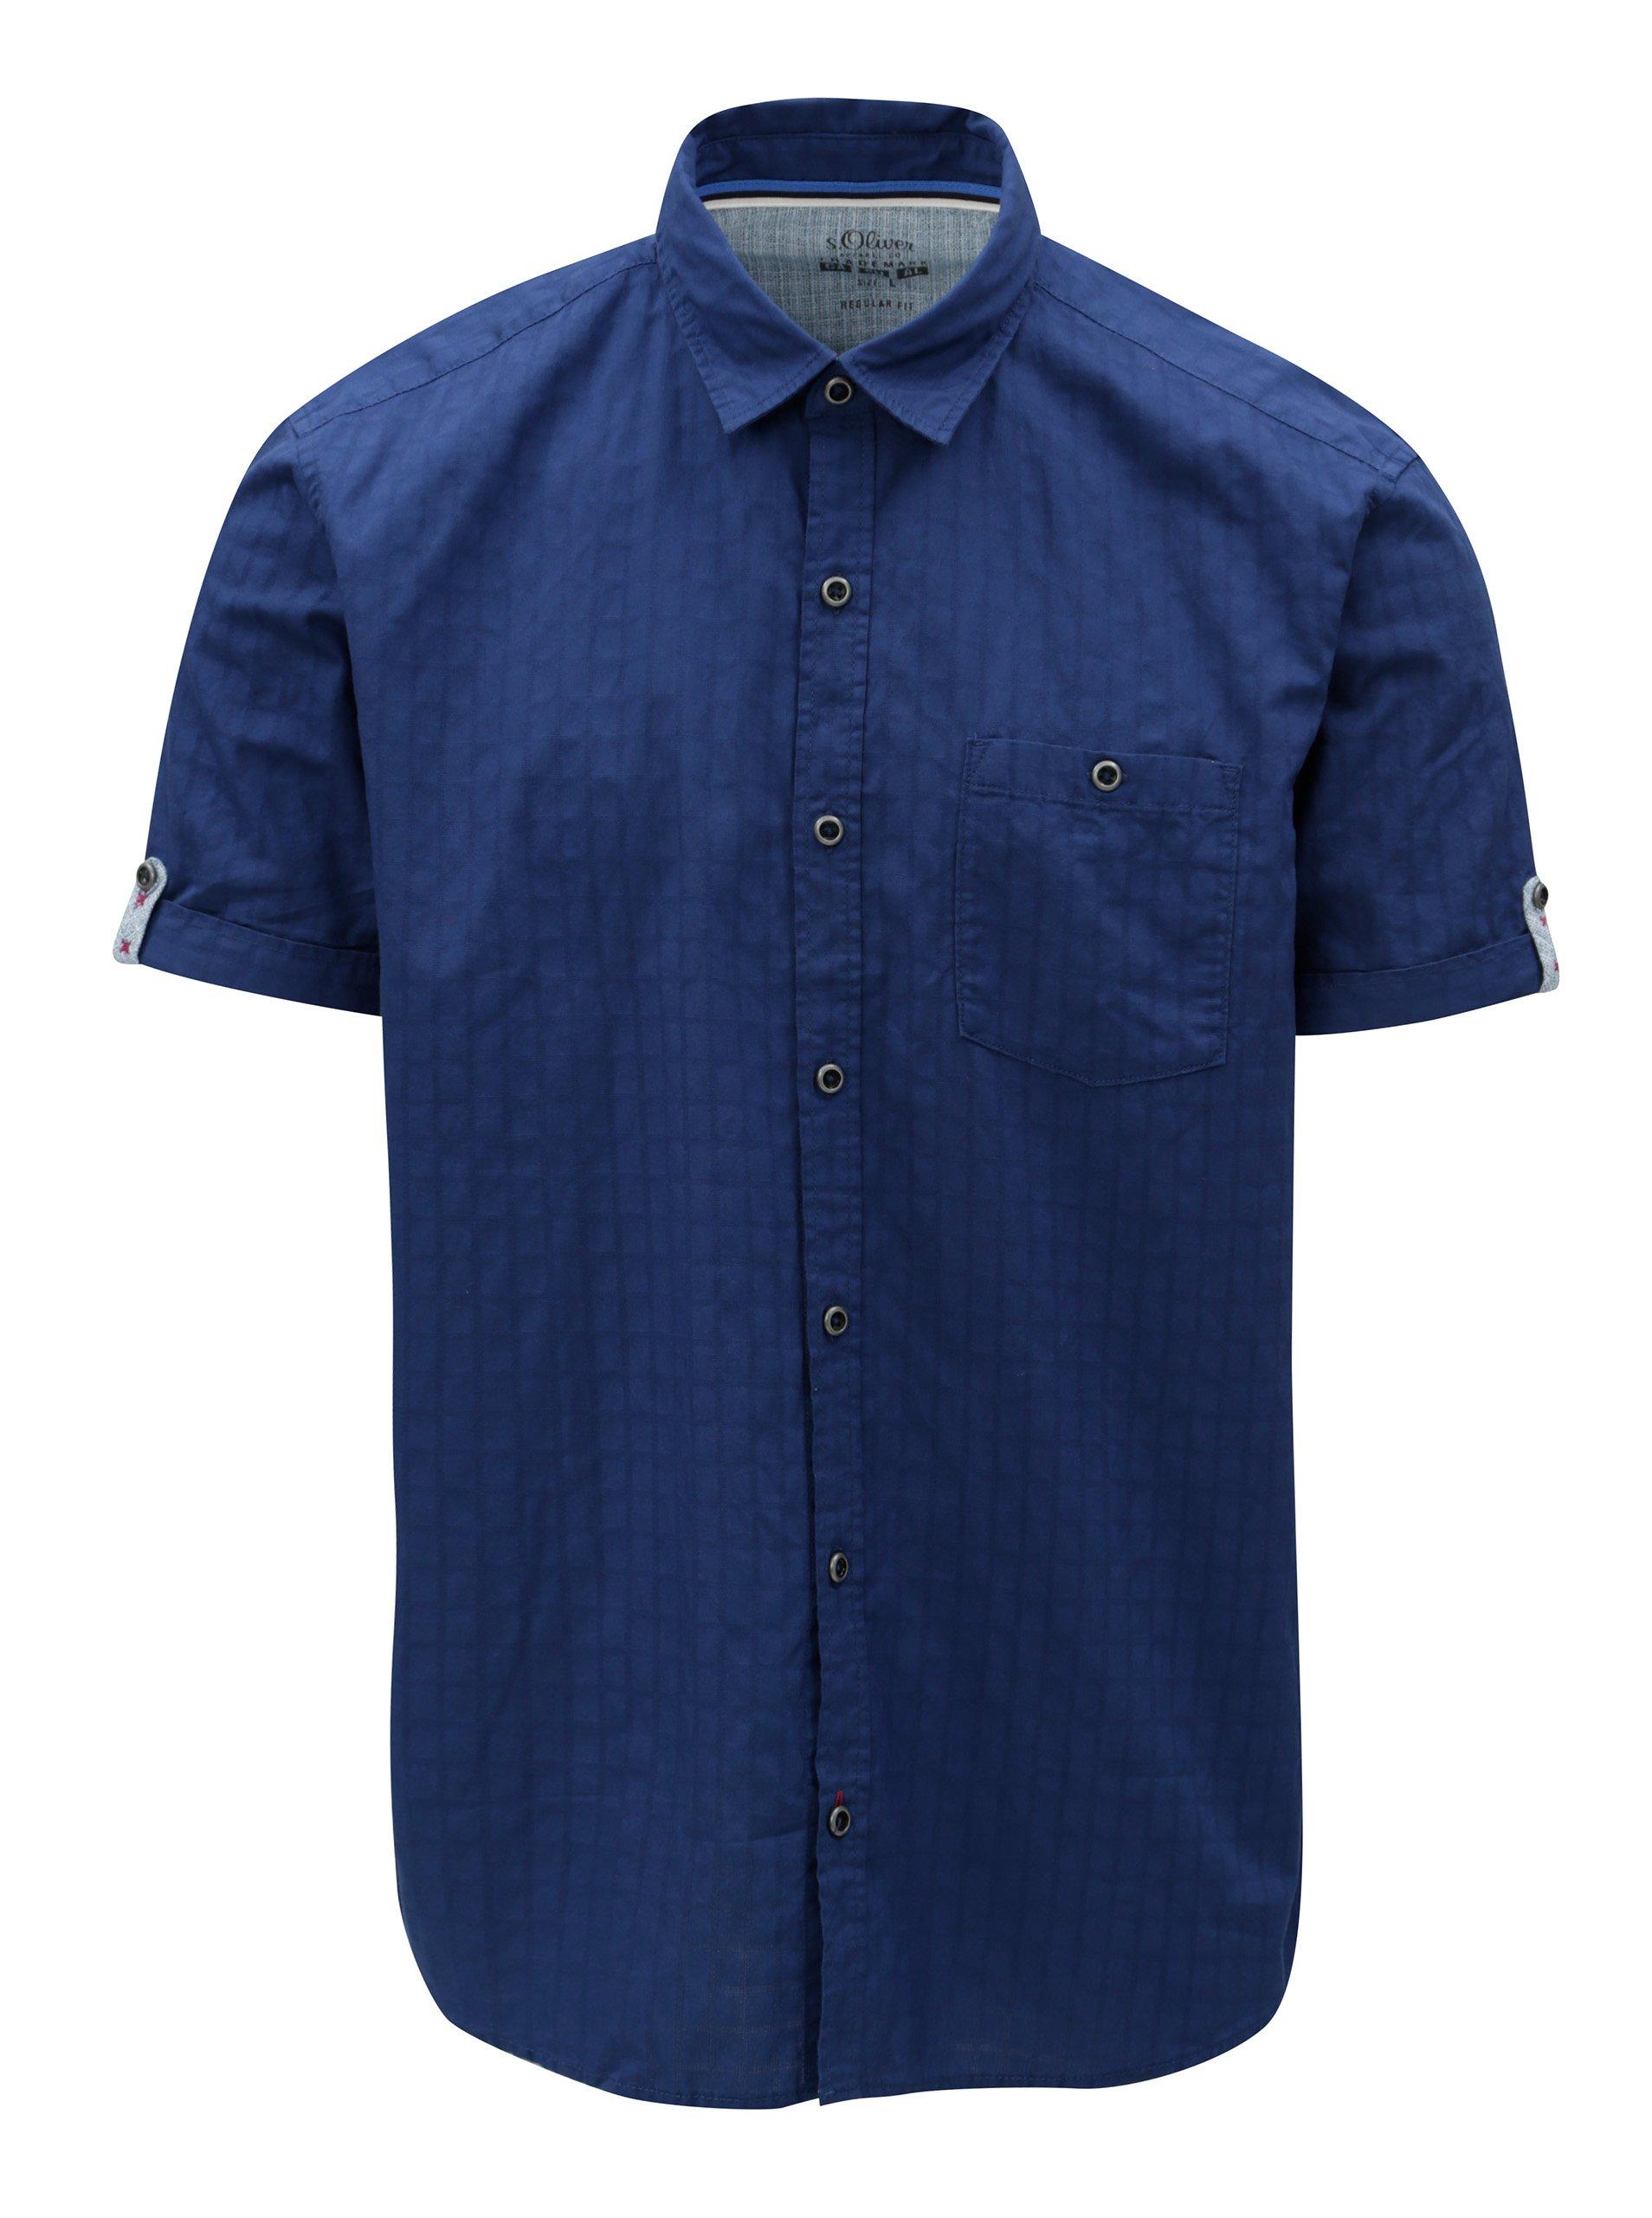 a48449c3cd90 Modrá pánska regular fit košeľa s krátkym rukávom s.Oliver